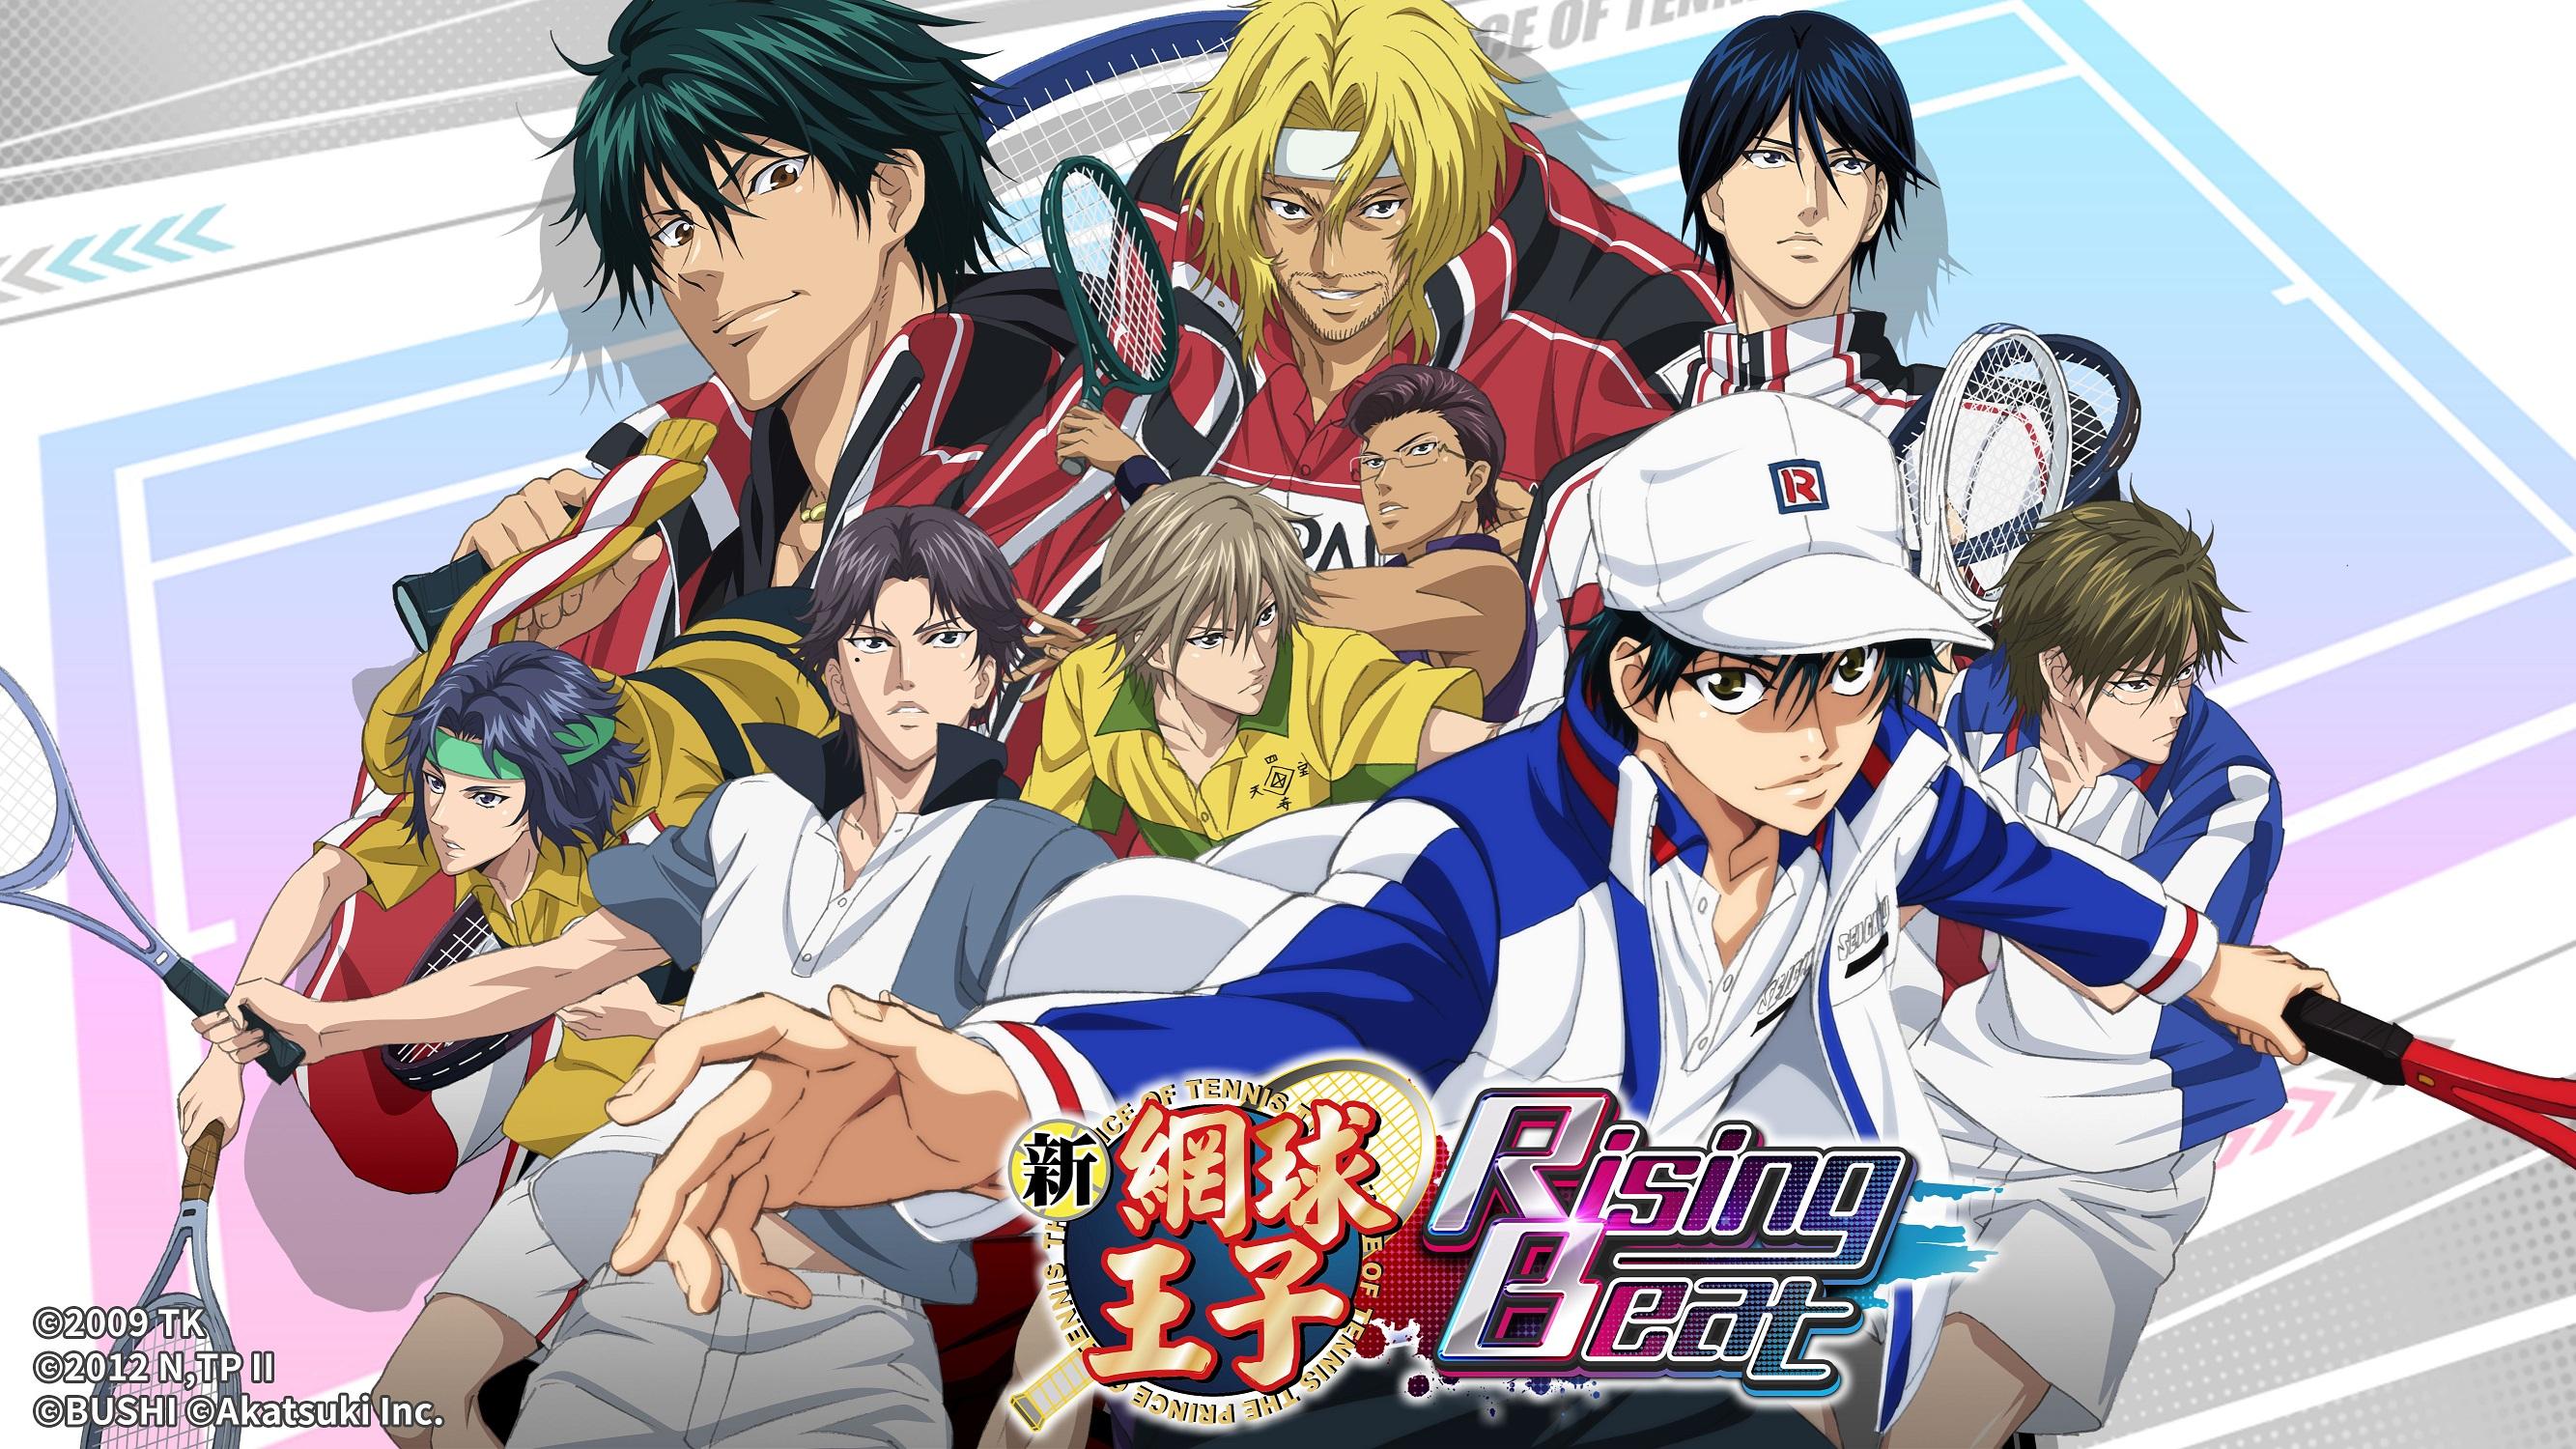 新感覺節奏遊戲《新網球王子RisingBeat》繁體中文版 今正式於 iOS / Google Play 雙平台開放下載!